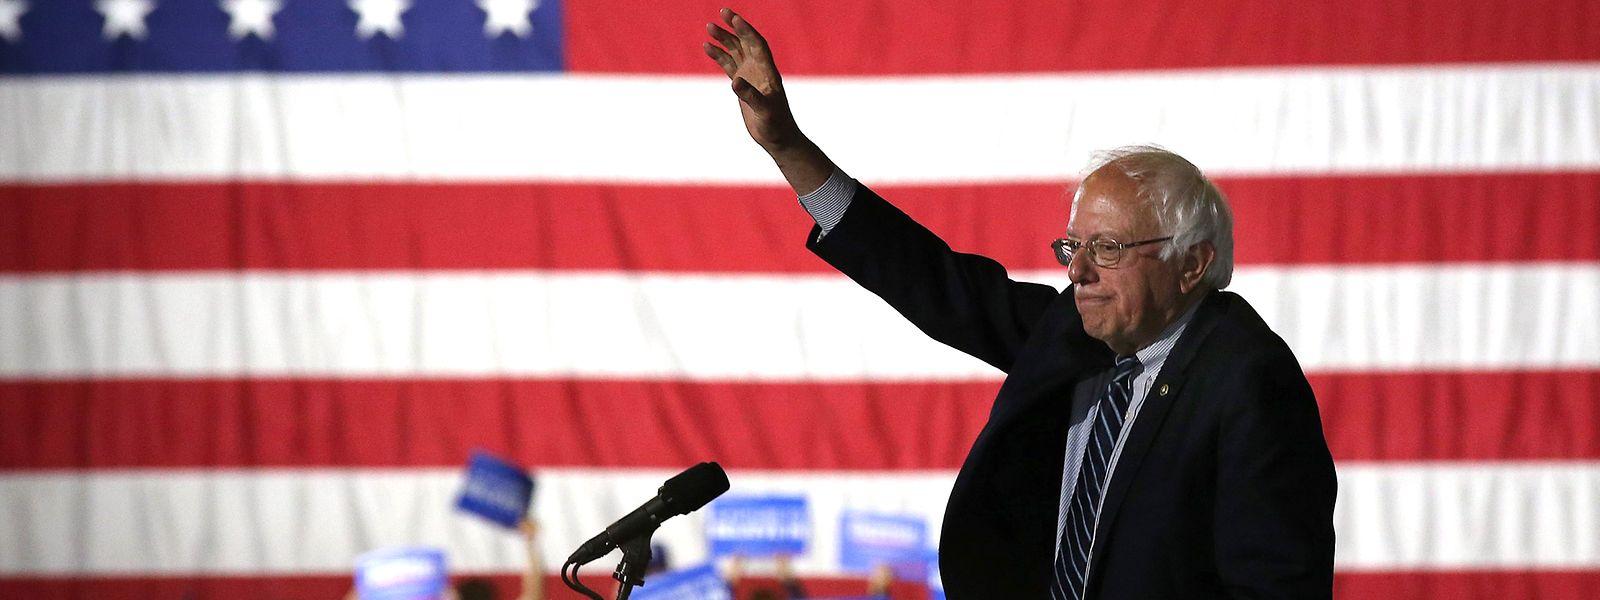 Von all den Kandidaten, die bisher ihre Kandidatur bei den Demokraten erklärt haben, hat Bernie Sanders die besten Aussichten.